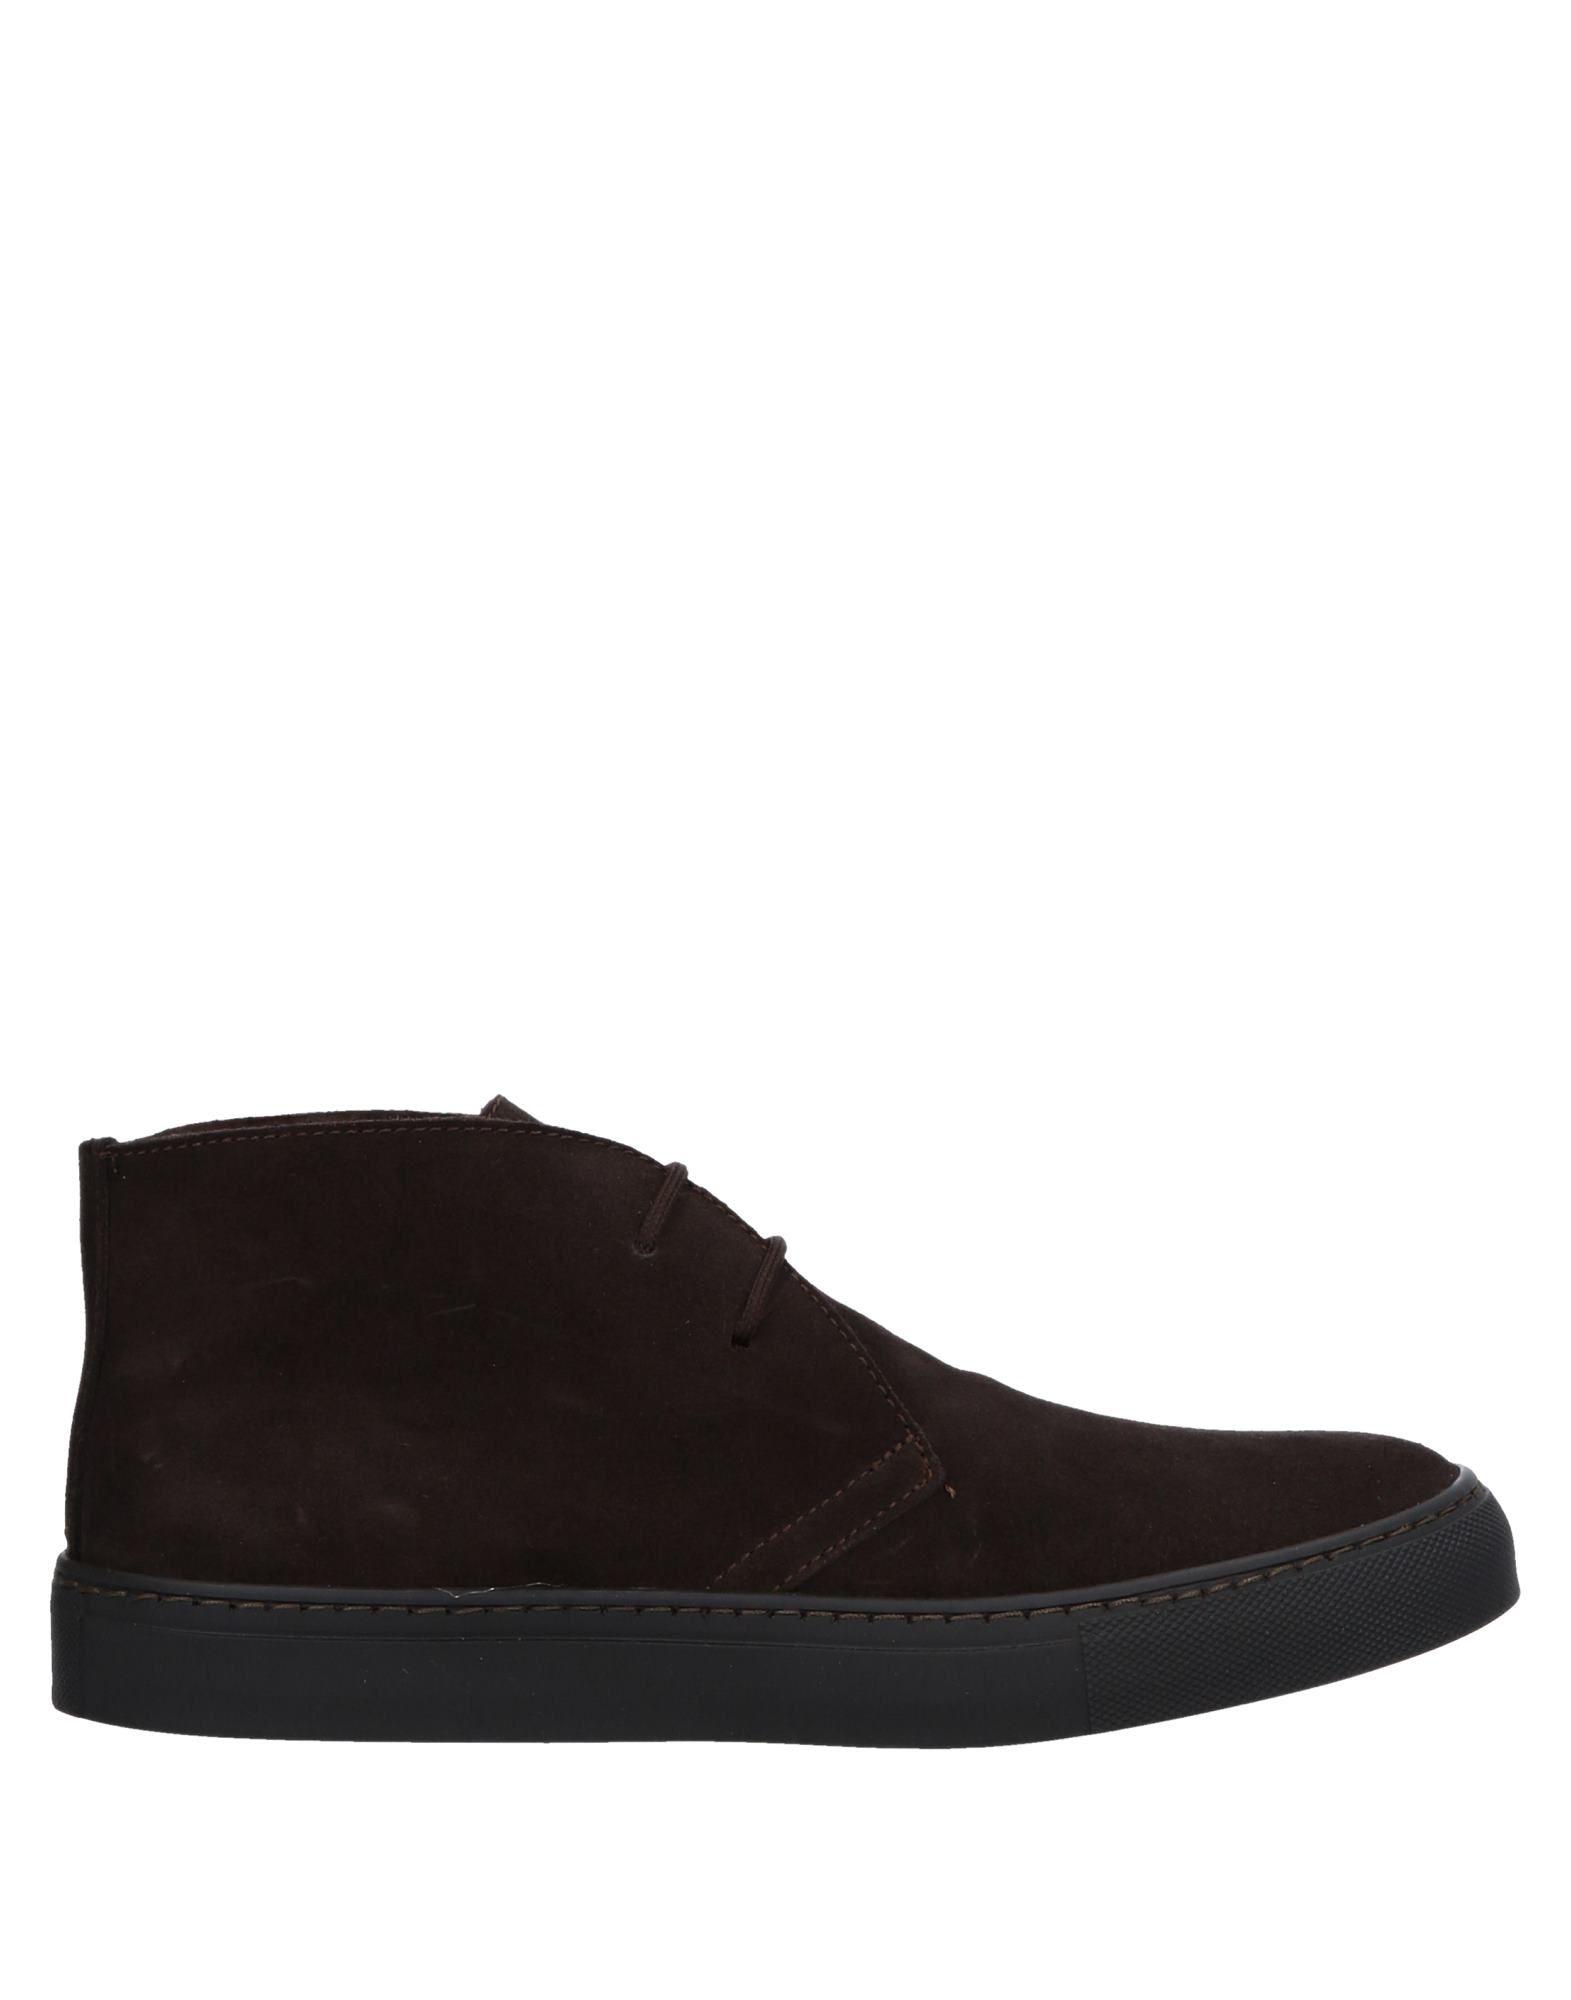 Rabatt echte Schuhe Herren Anderson Stiefelette Herren Schuhe  11521764FK 56aab6